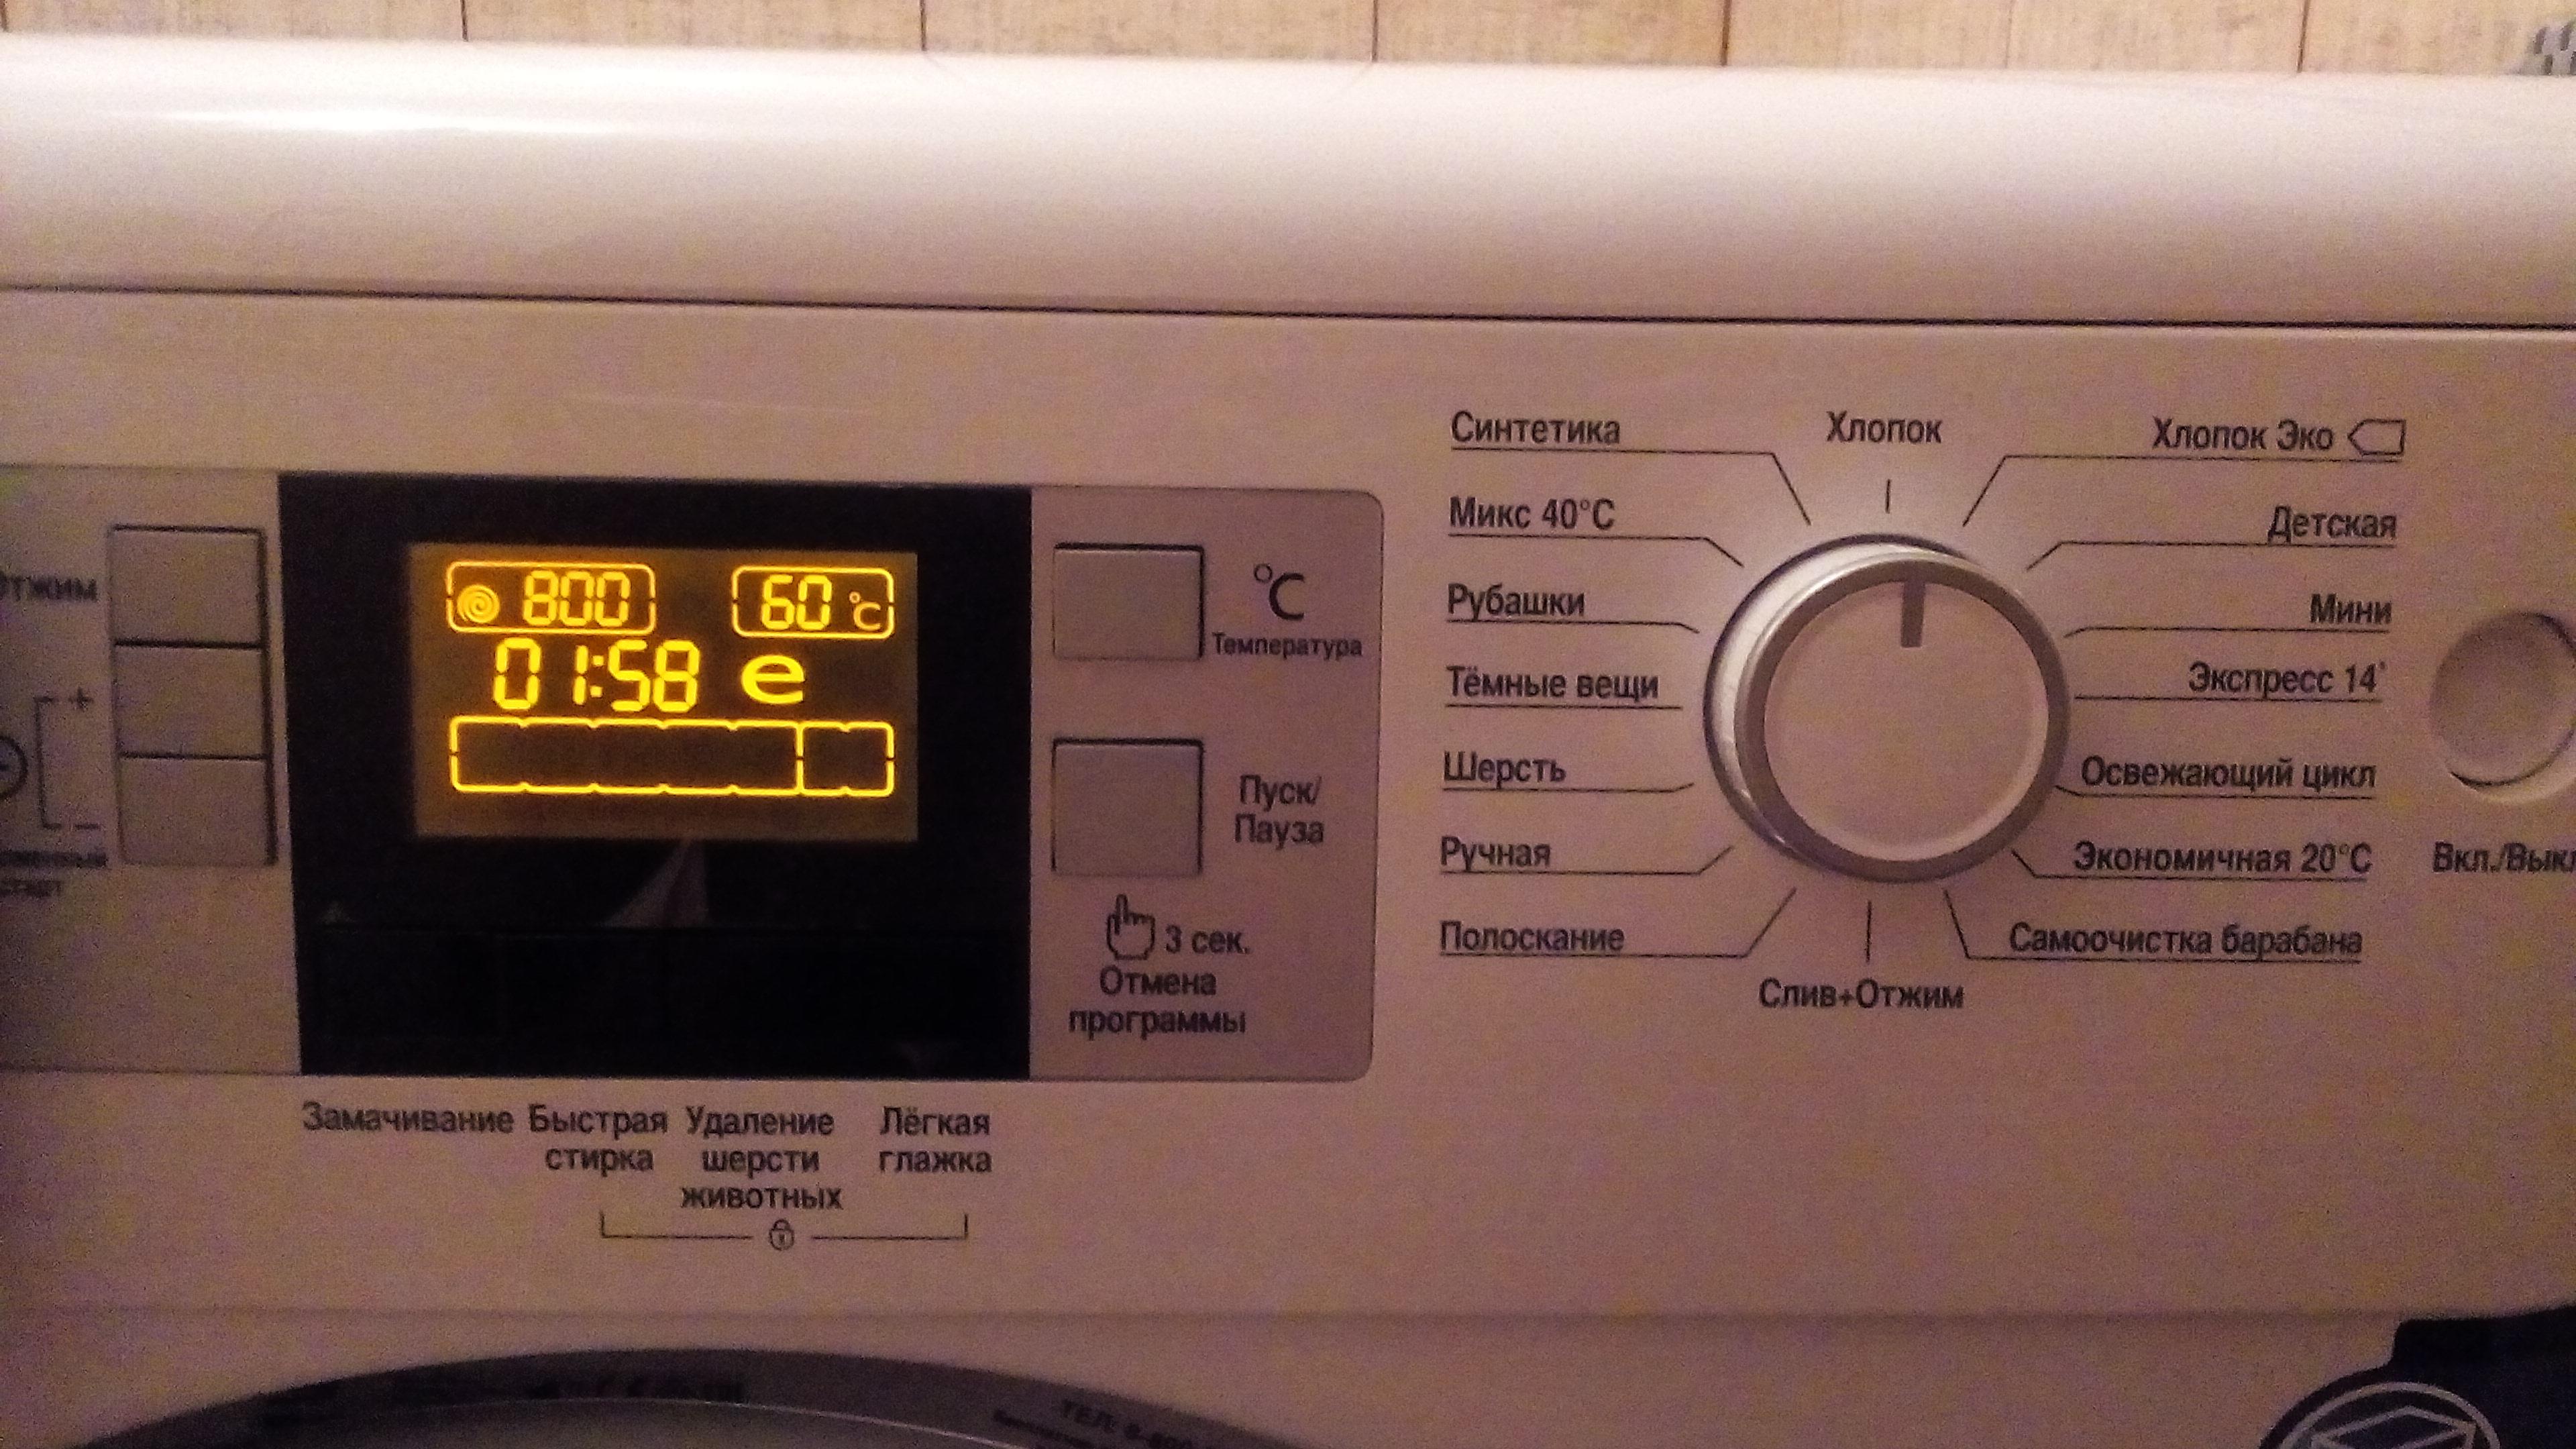 Сколько минут варить яйца в всмятку после закипания воды